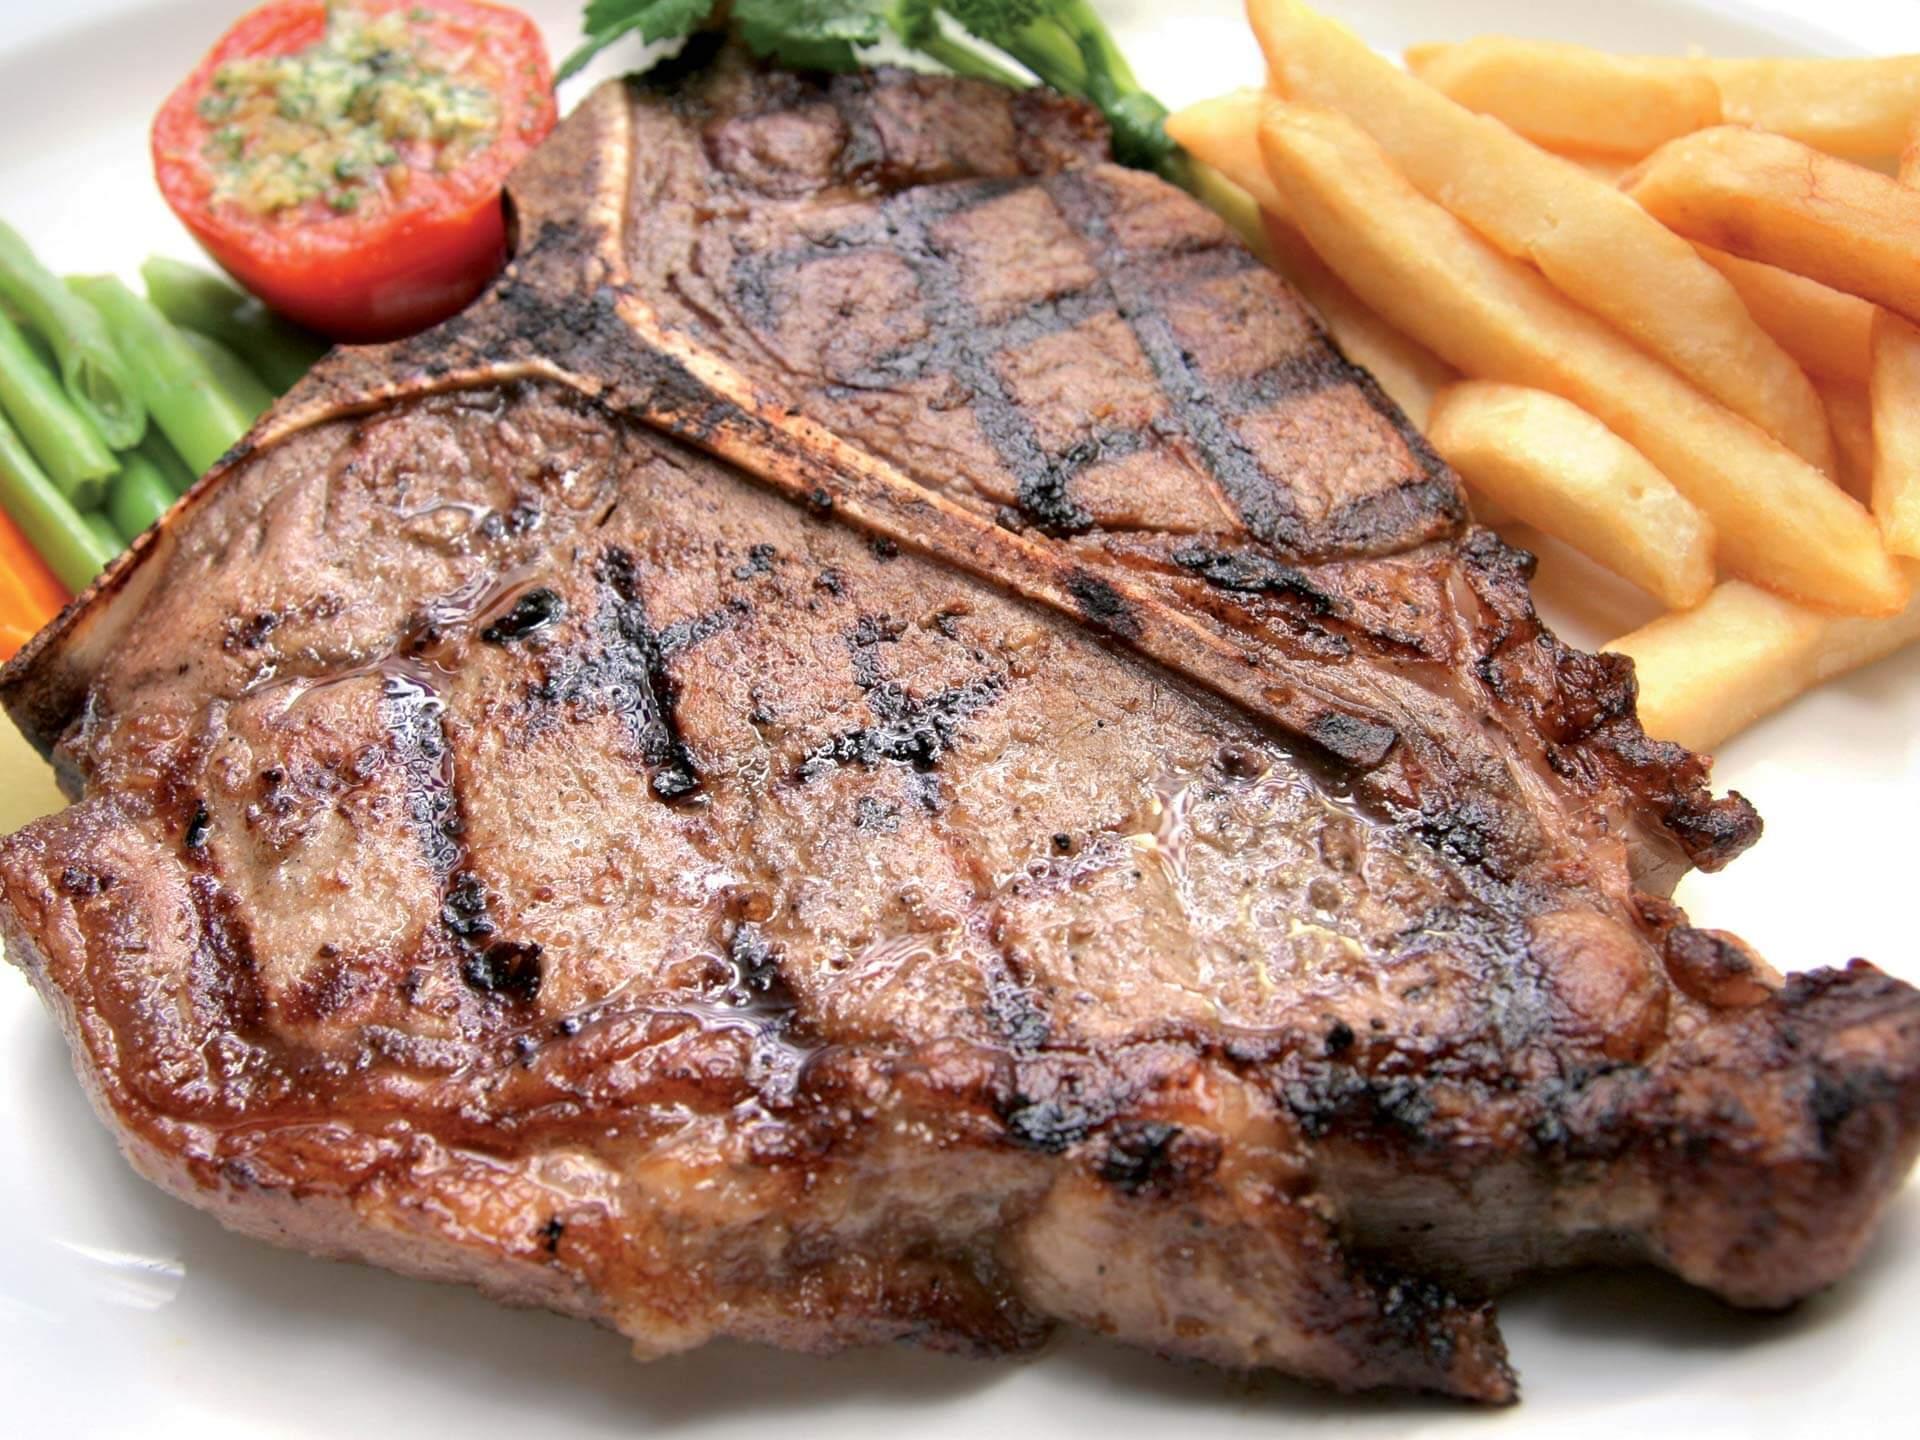 La lombata chianina del ristorante steakhouse Bova's The Grill